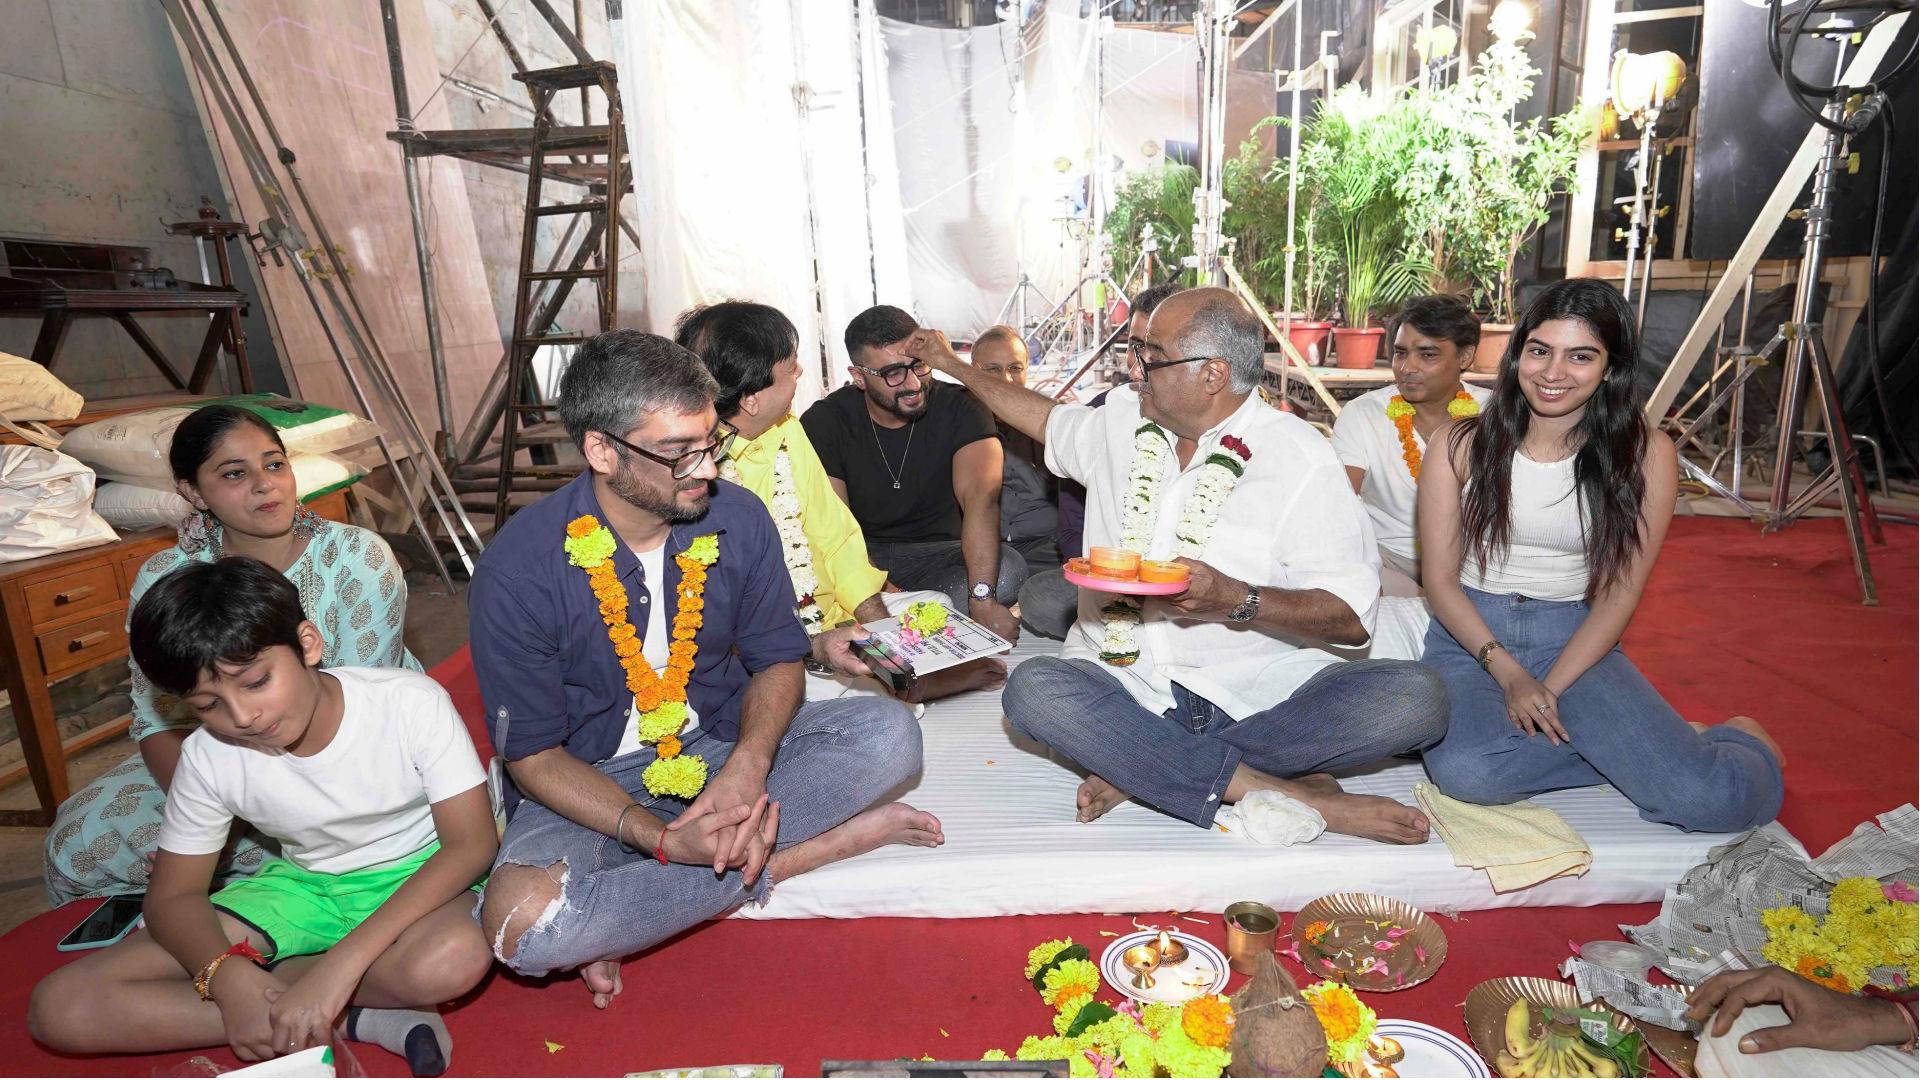 Maidaan Movie: बोनी कपूर ने की फिल्म की मुहूर्त पूजा, अर्जुन कपूर को टीका लगाते आए नजर, देखिए तस्वीरें